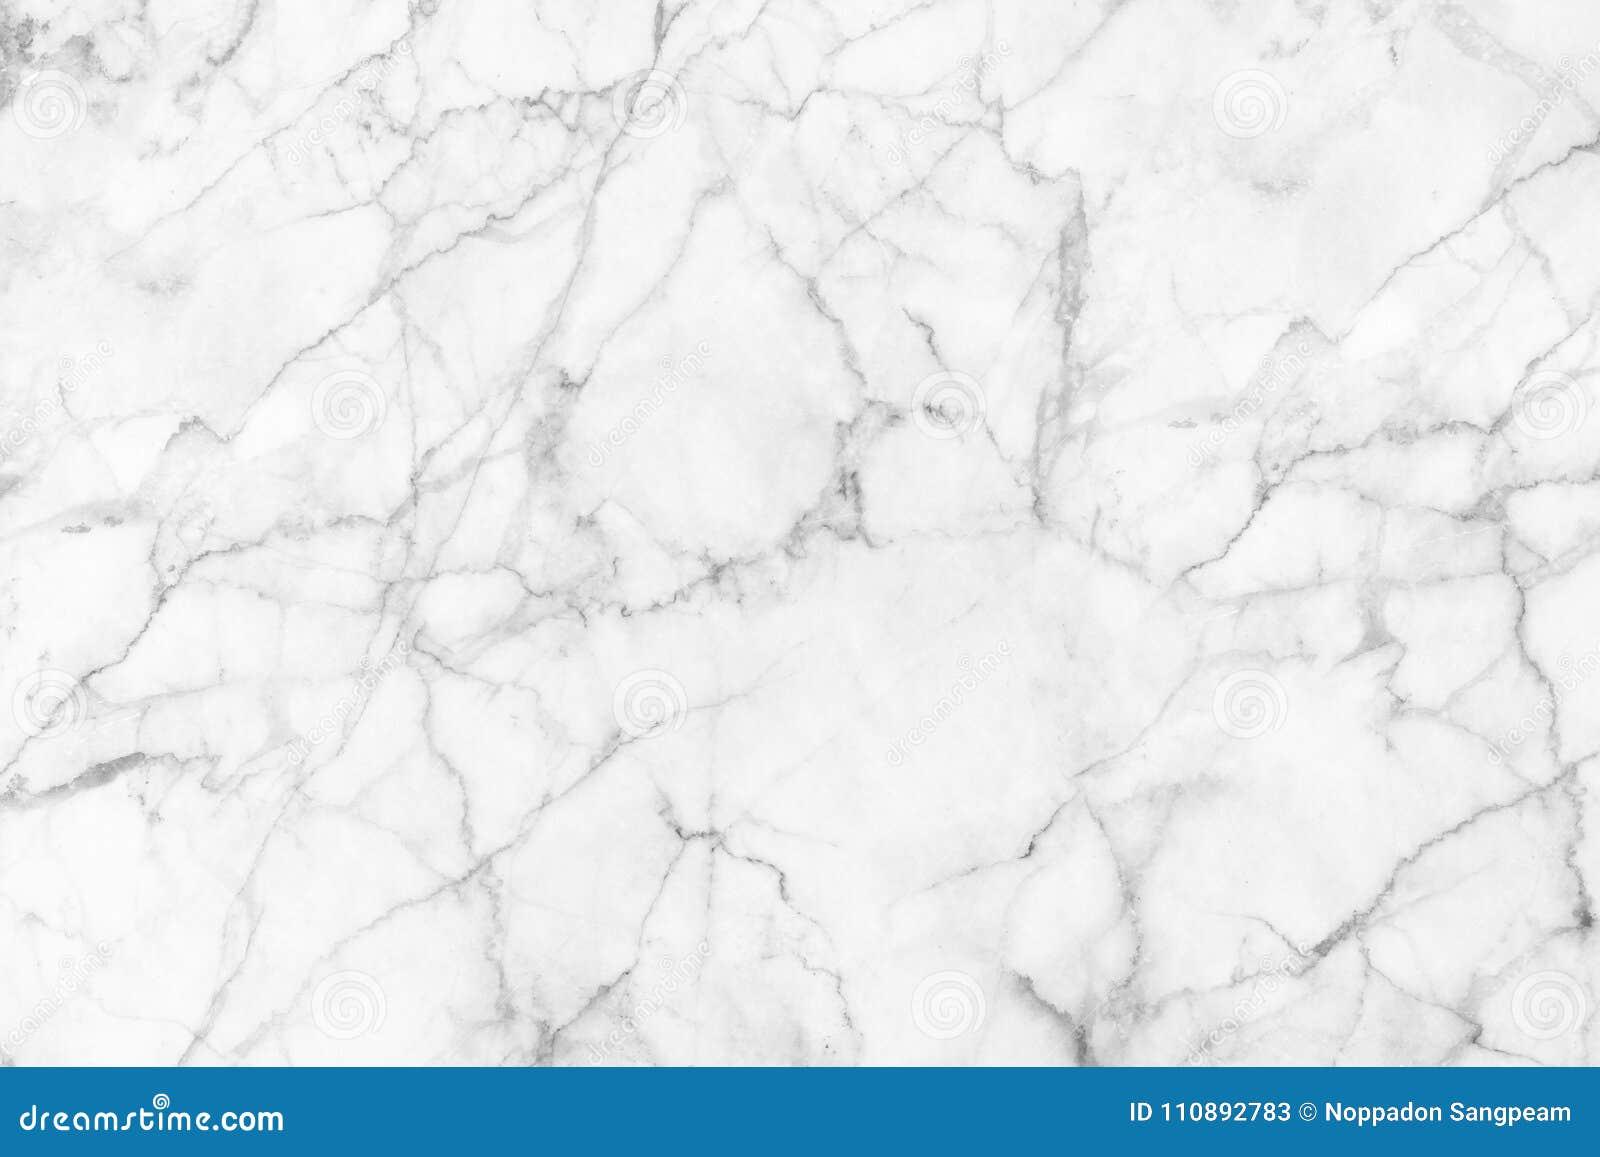 Texture De Marbre Blanche Pour Le Fond Et La Conception Image stock - Image du abstrait, granit ...